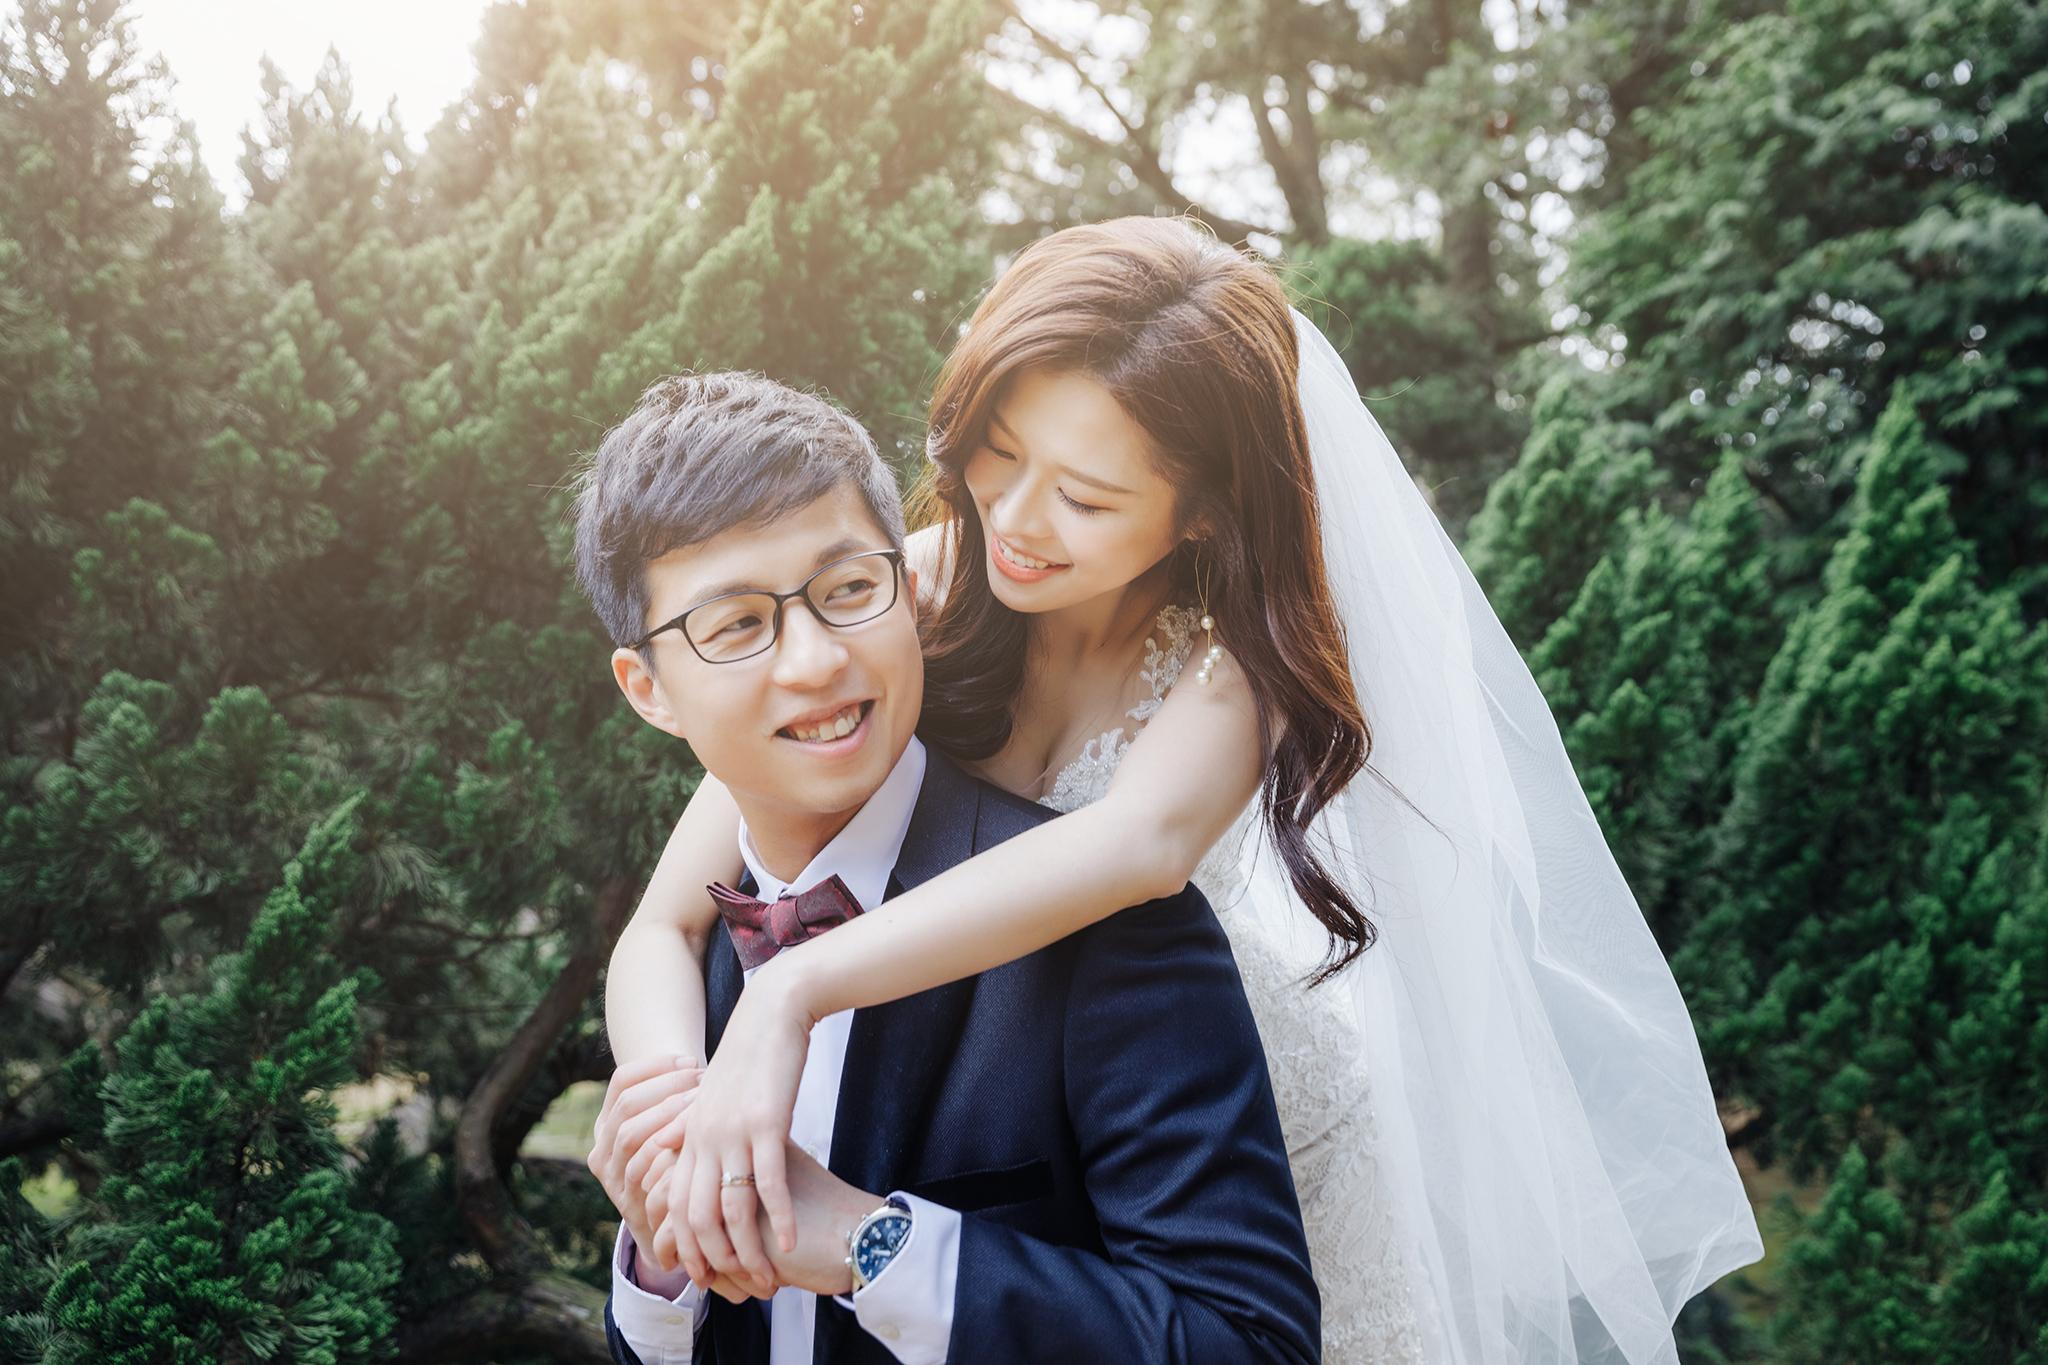 49682522892 b168d3ac46 o - 【自助婚紗】+Ben & Ling+